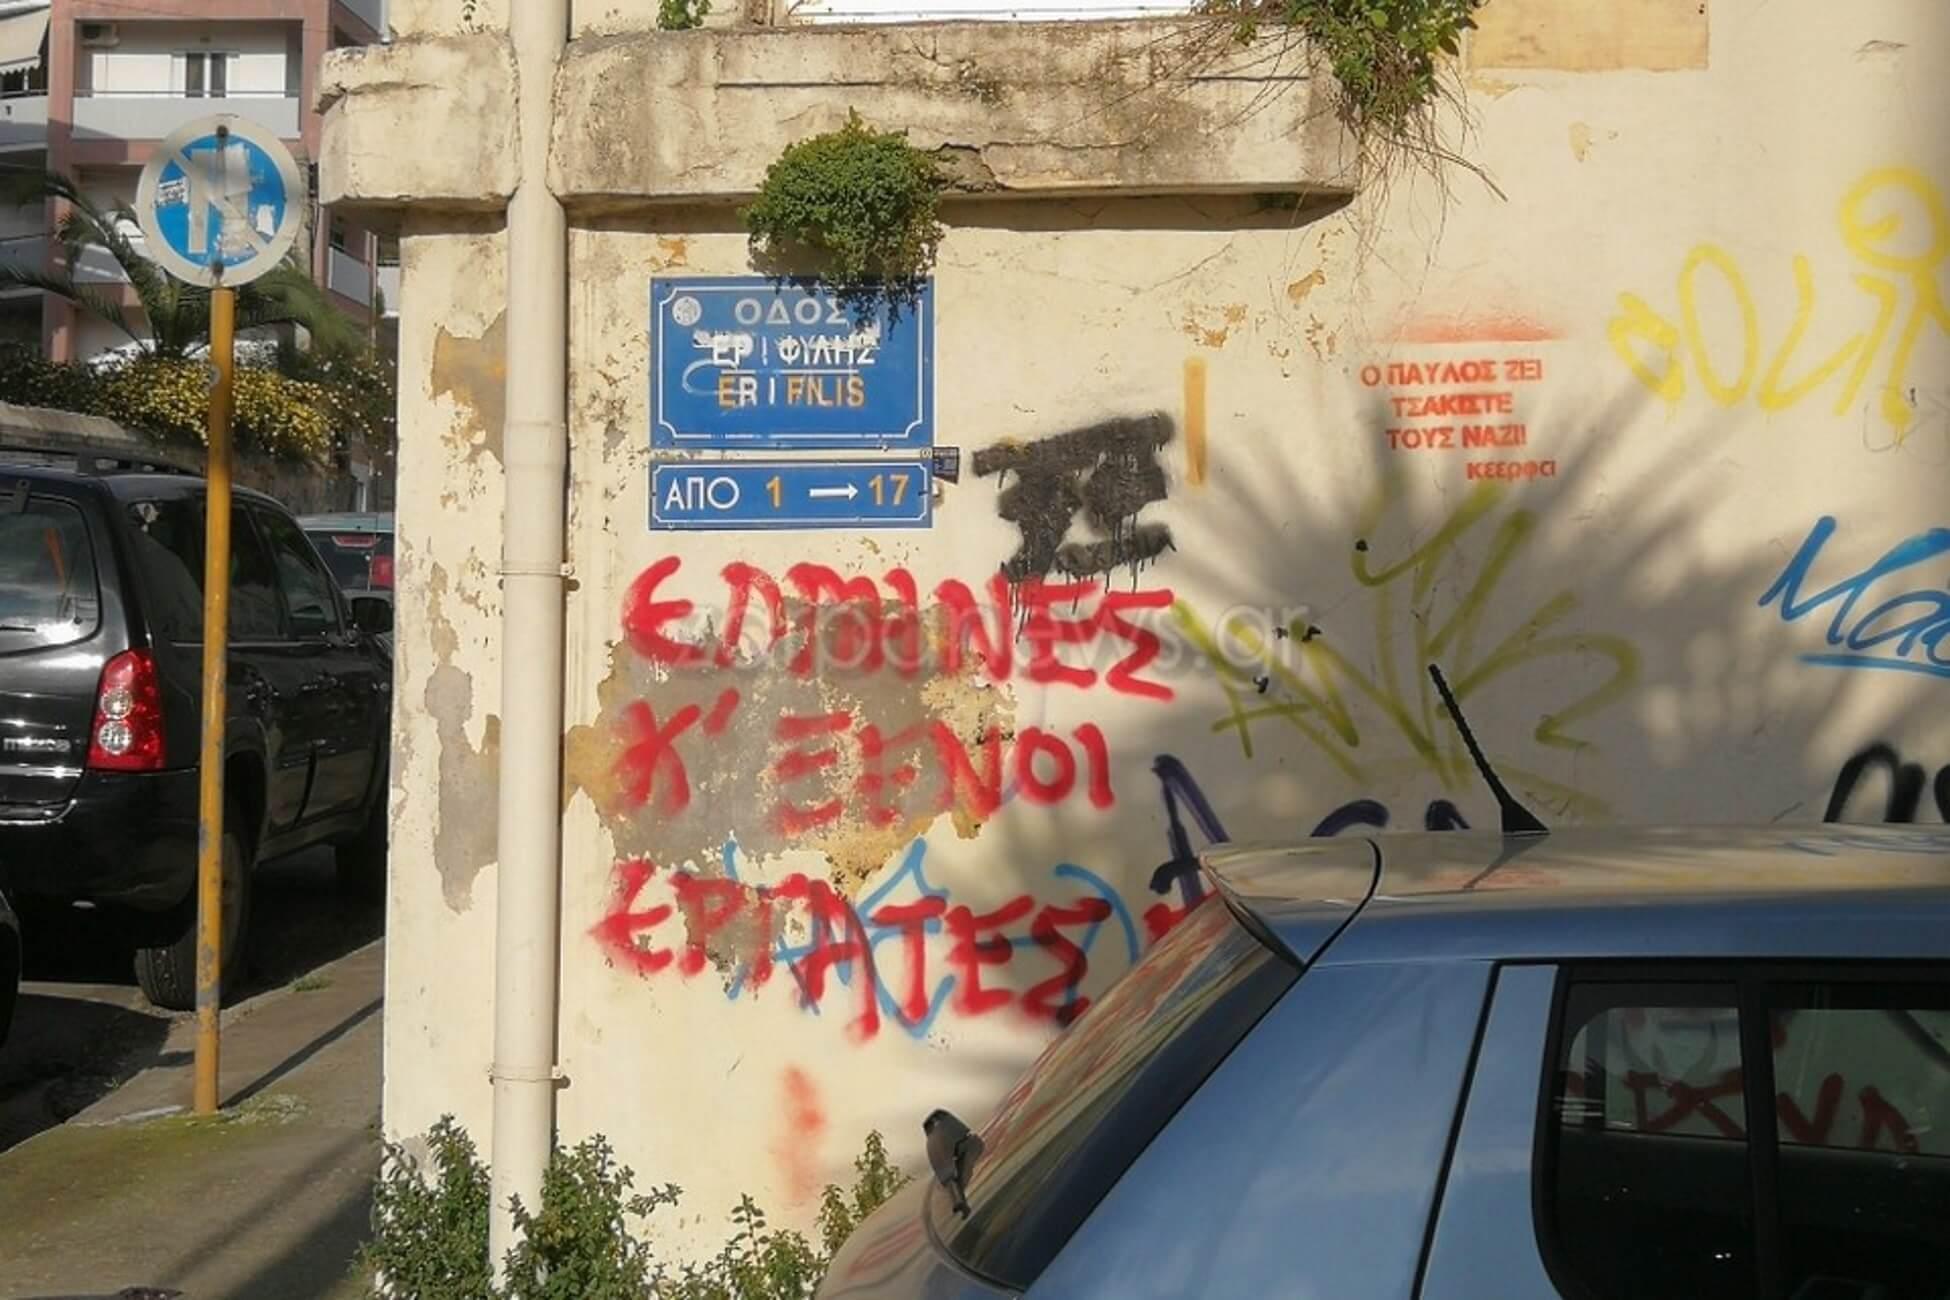 Χανιά: Η Εριφύλη ξύπνησε και έπαθε πλάκα – Έξω από το σπίτι της αυτές οι εικόνες [pics]